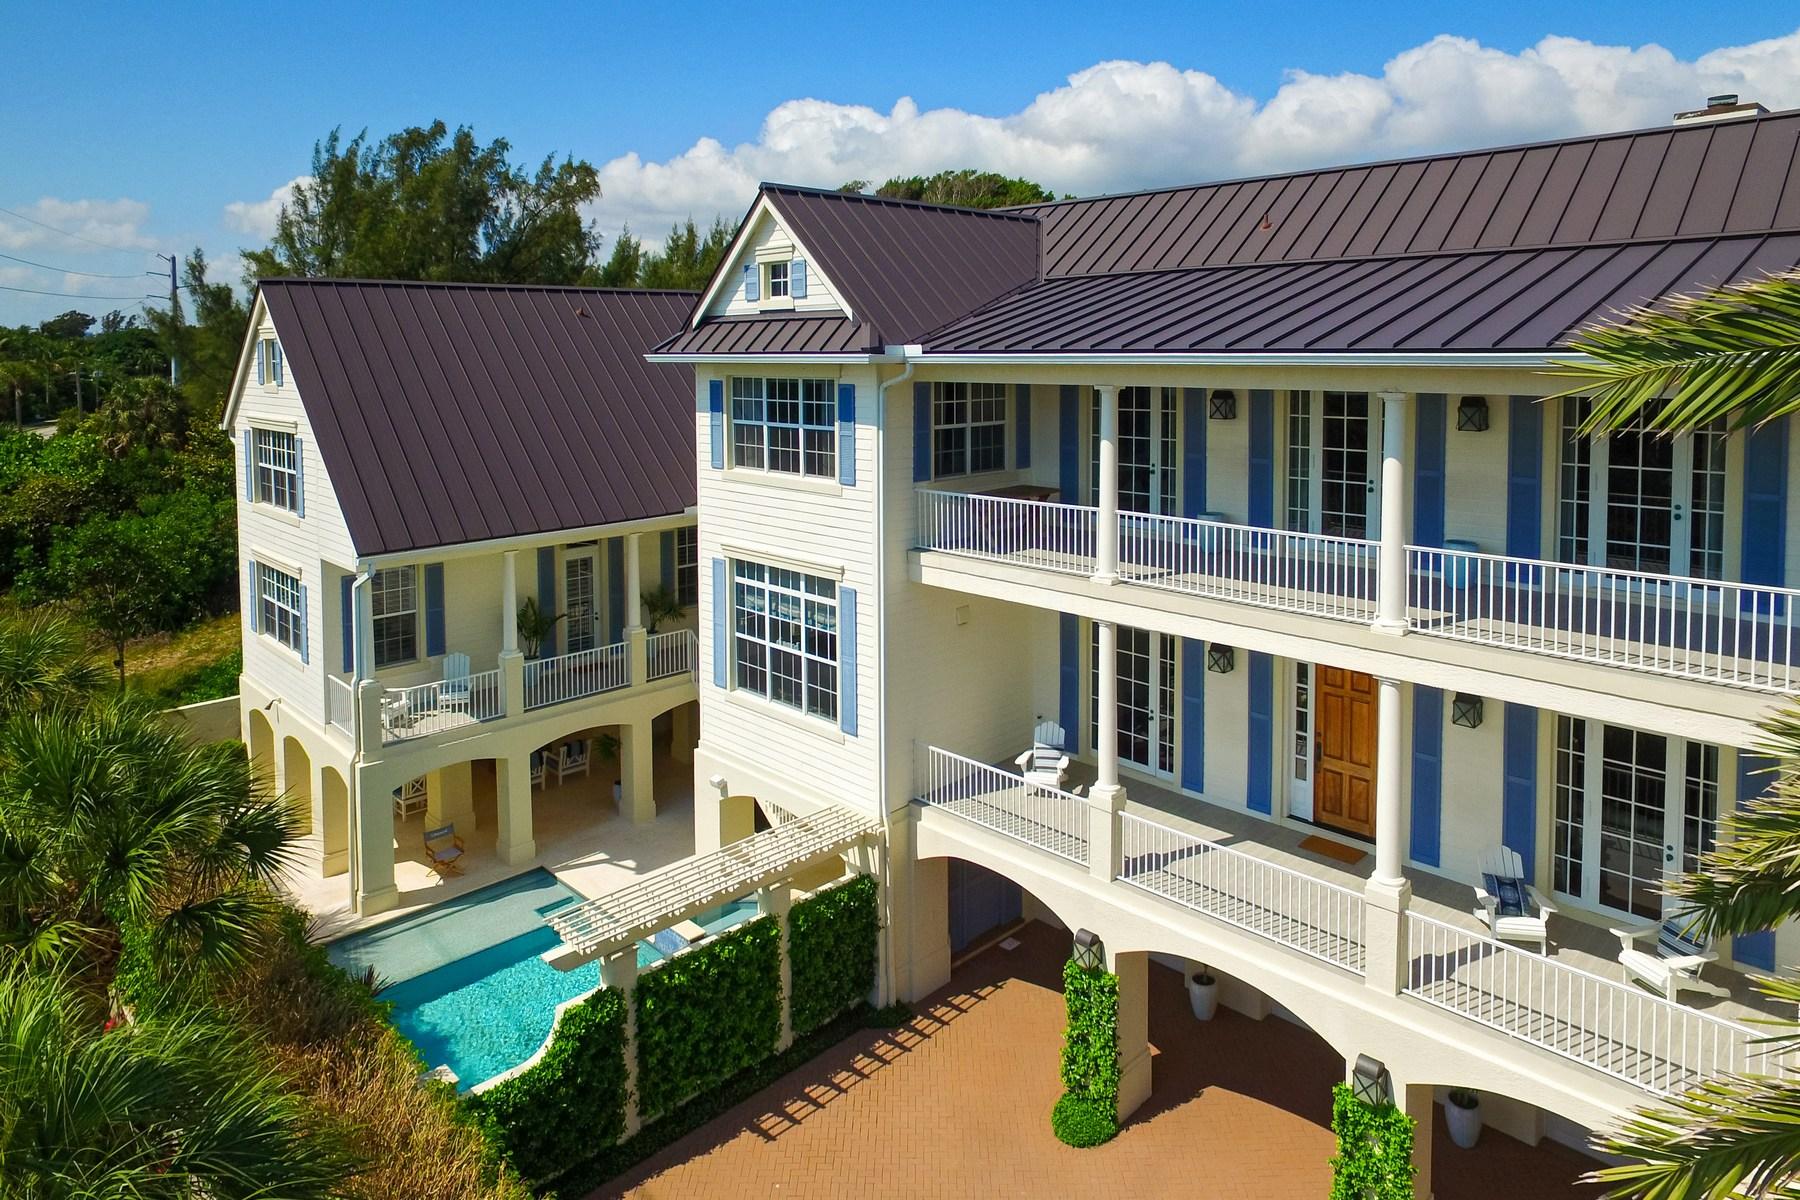 独户住宅 为 销售 在 410 Old Towne Lane 朱诺海滩, 佛罗里达州, 33408 美国